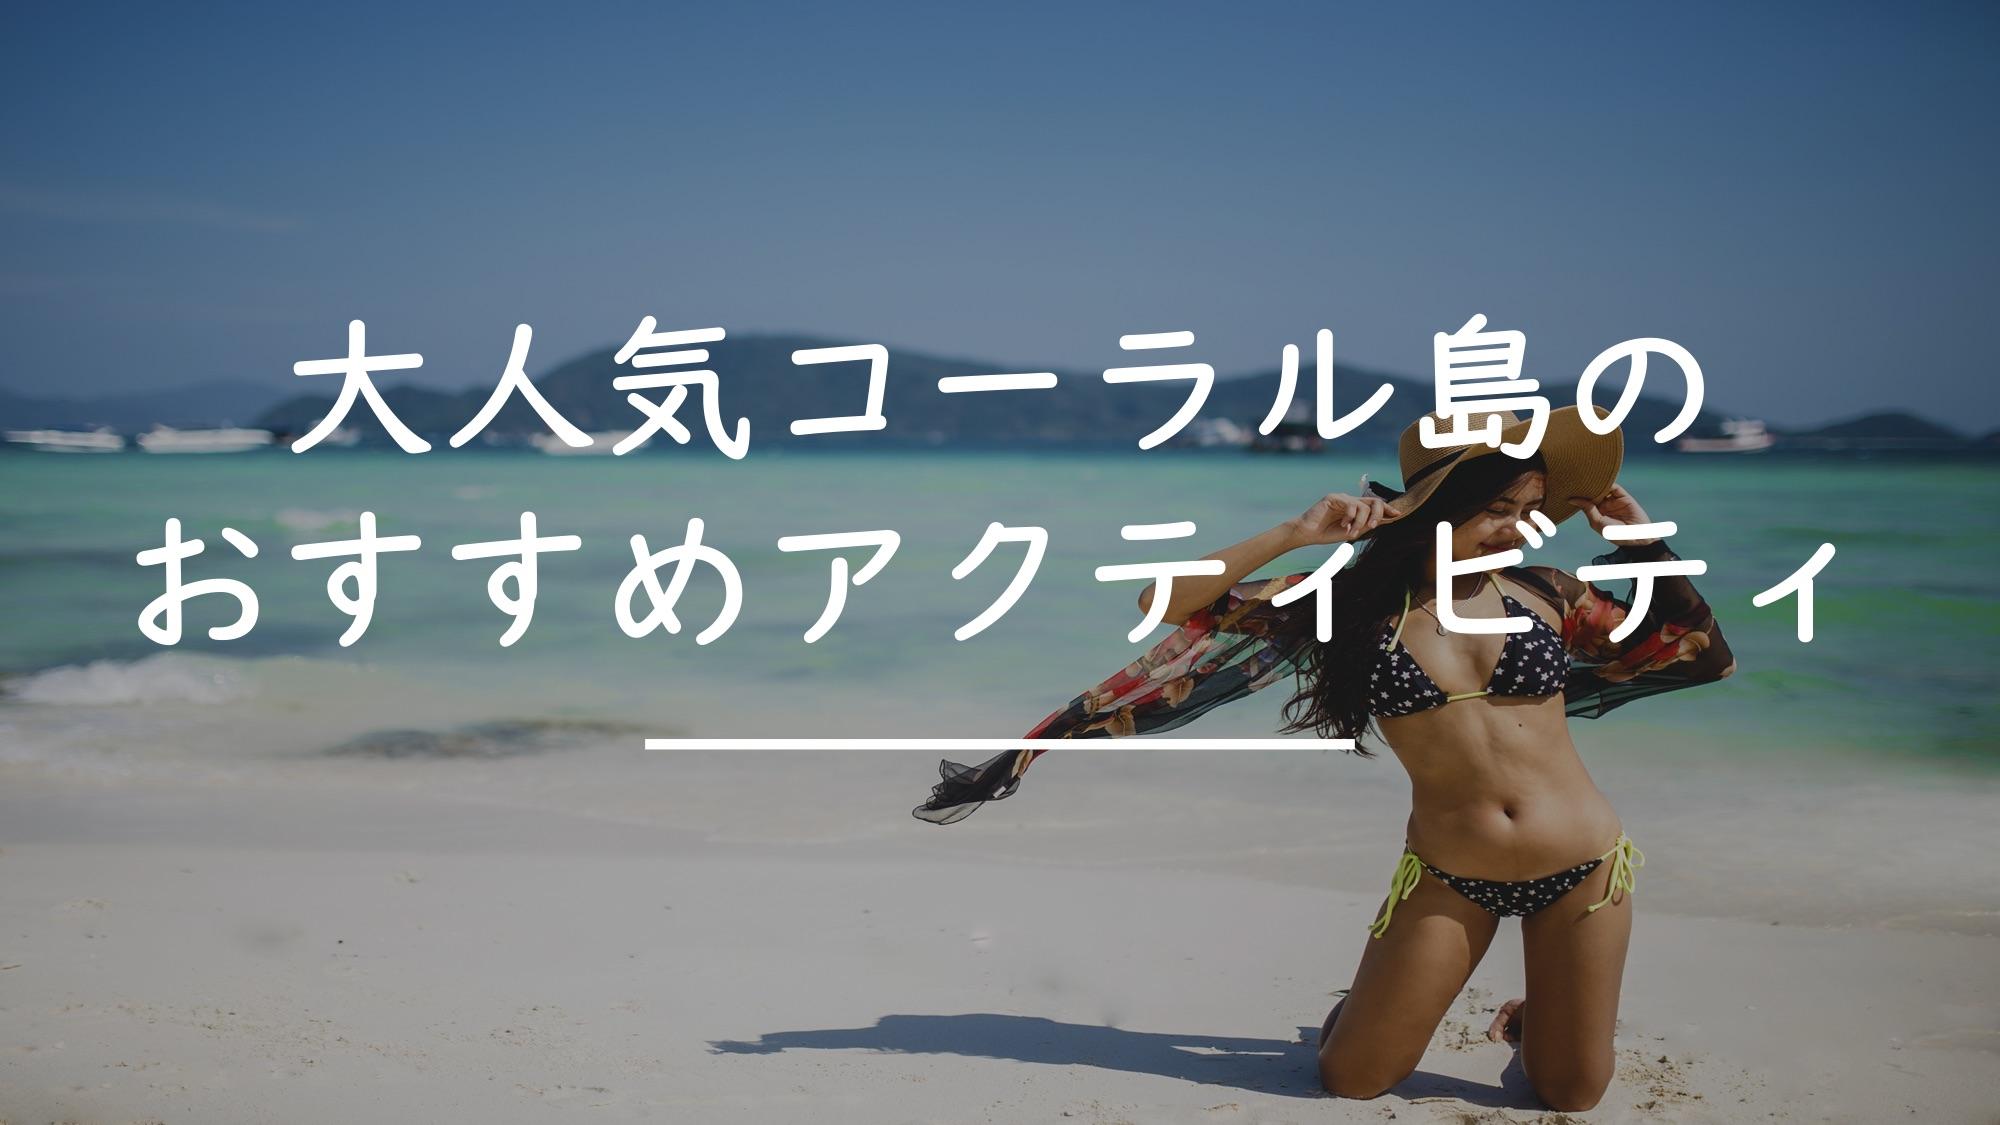 タイ【コーラル島】行き方やおすすめの楽しみ方!